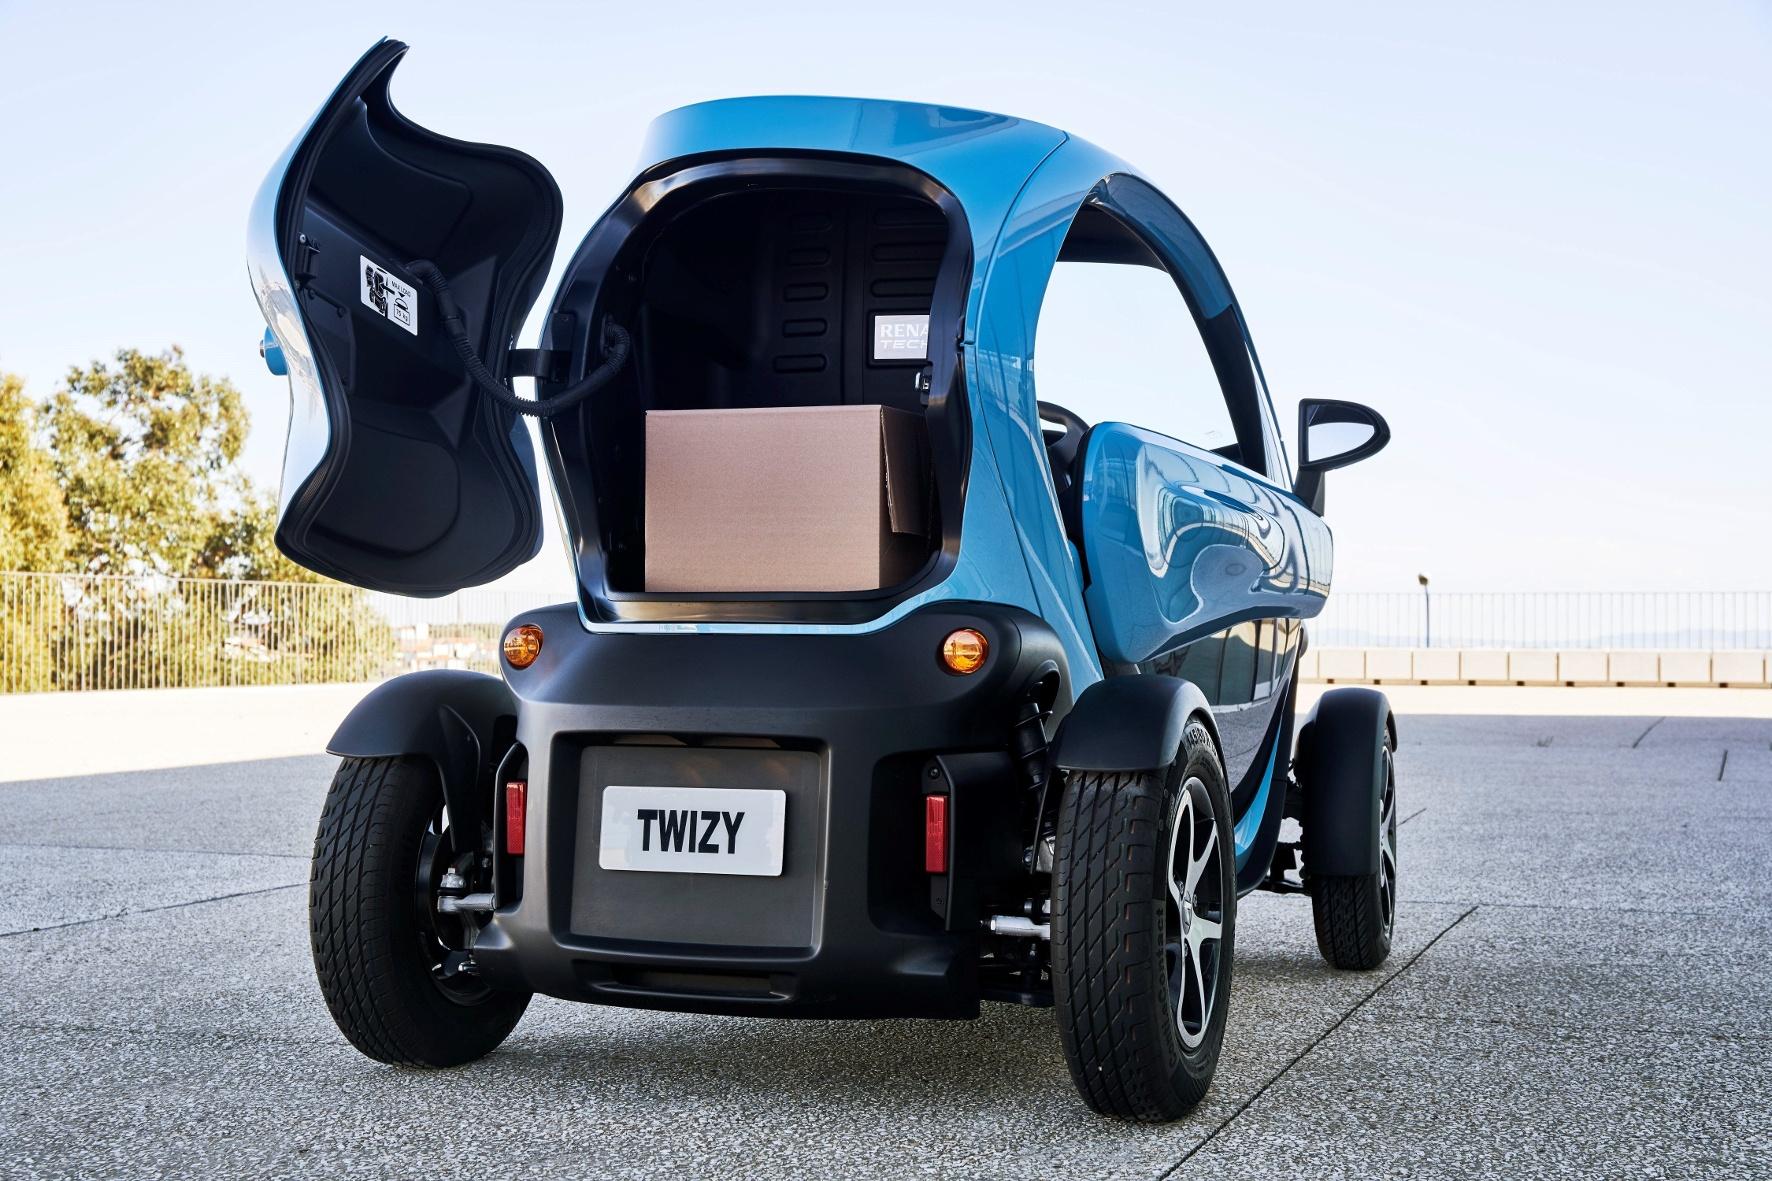 Neuigkeiten aus der Welt der E-Mobilität